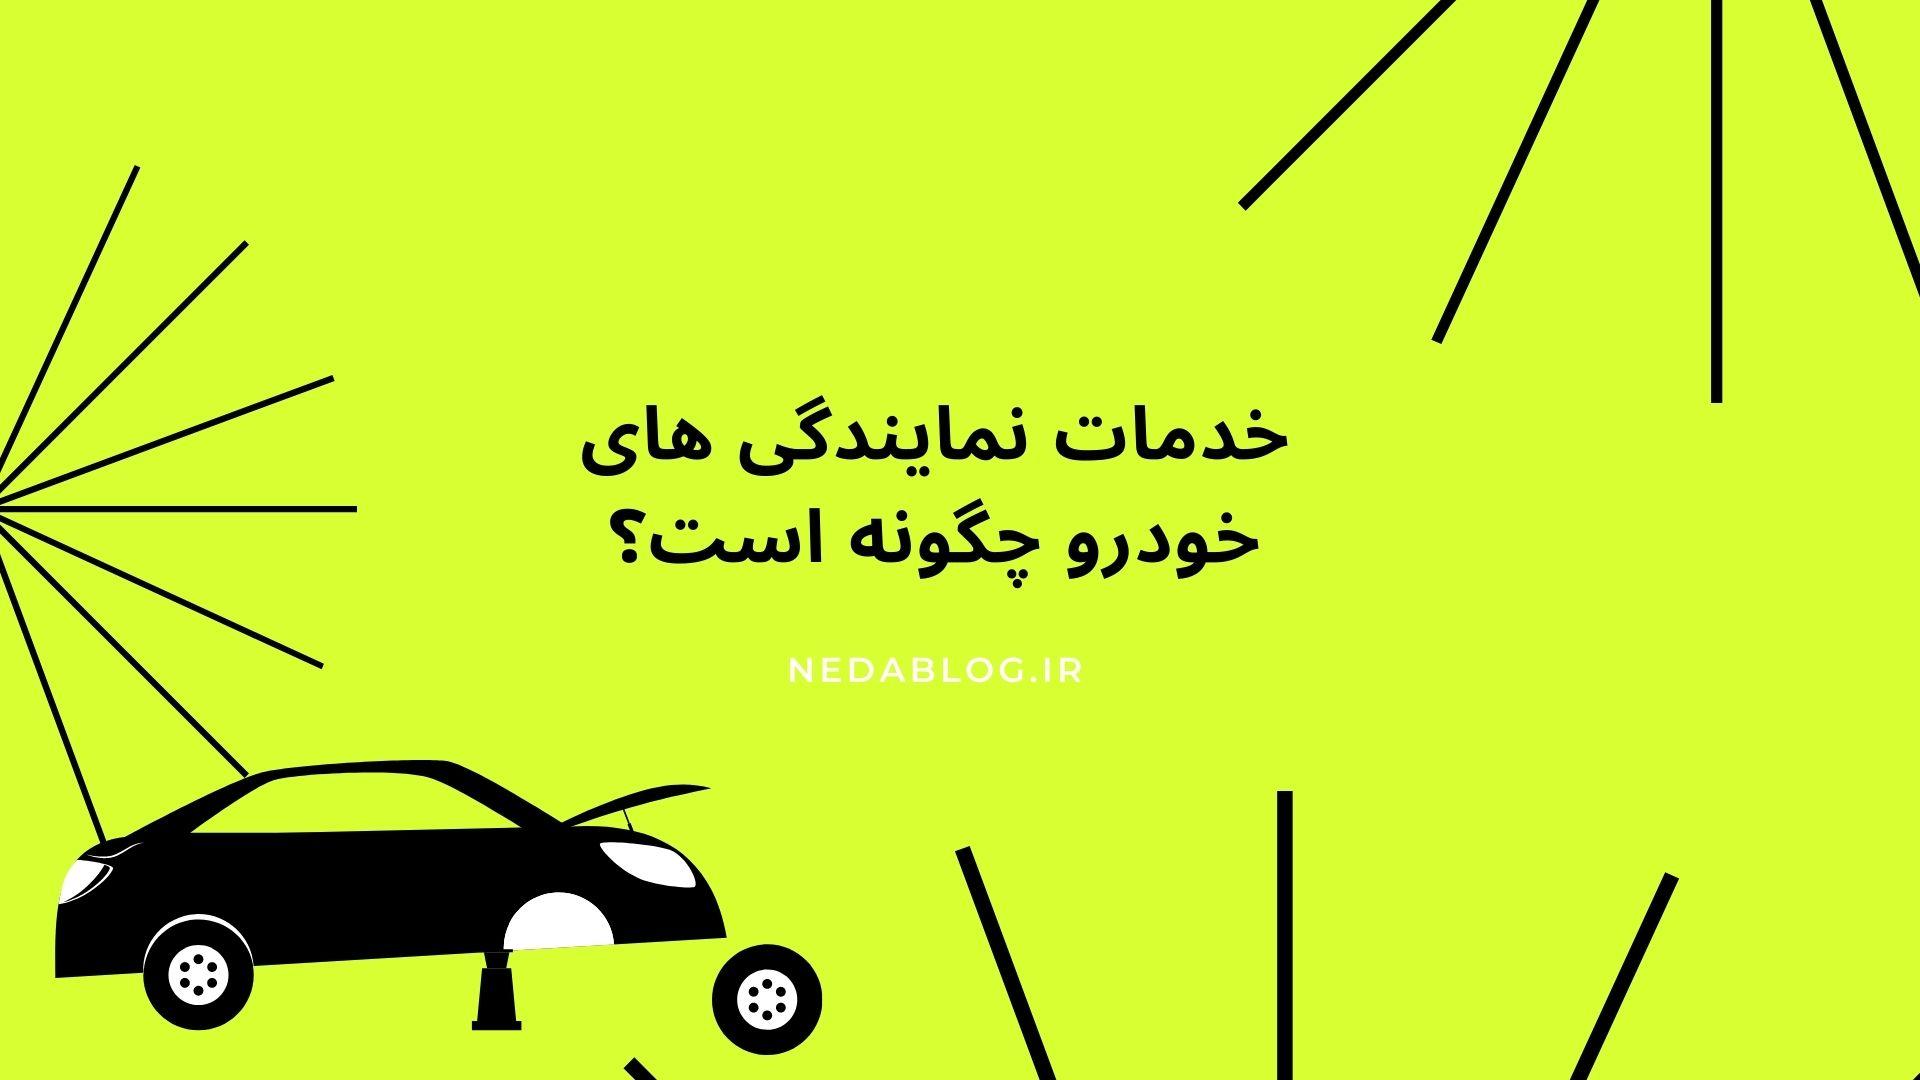 خدمات نمایندگی های خودرو چگونه است